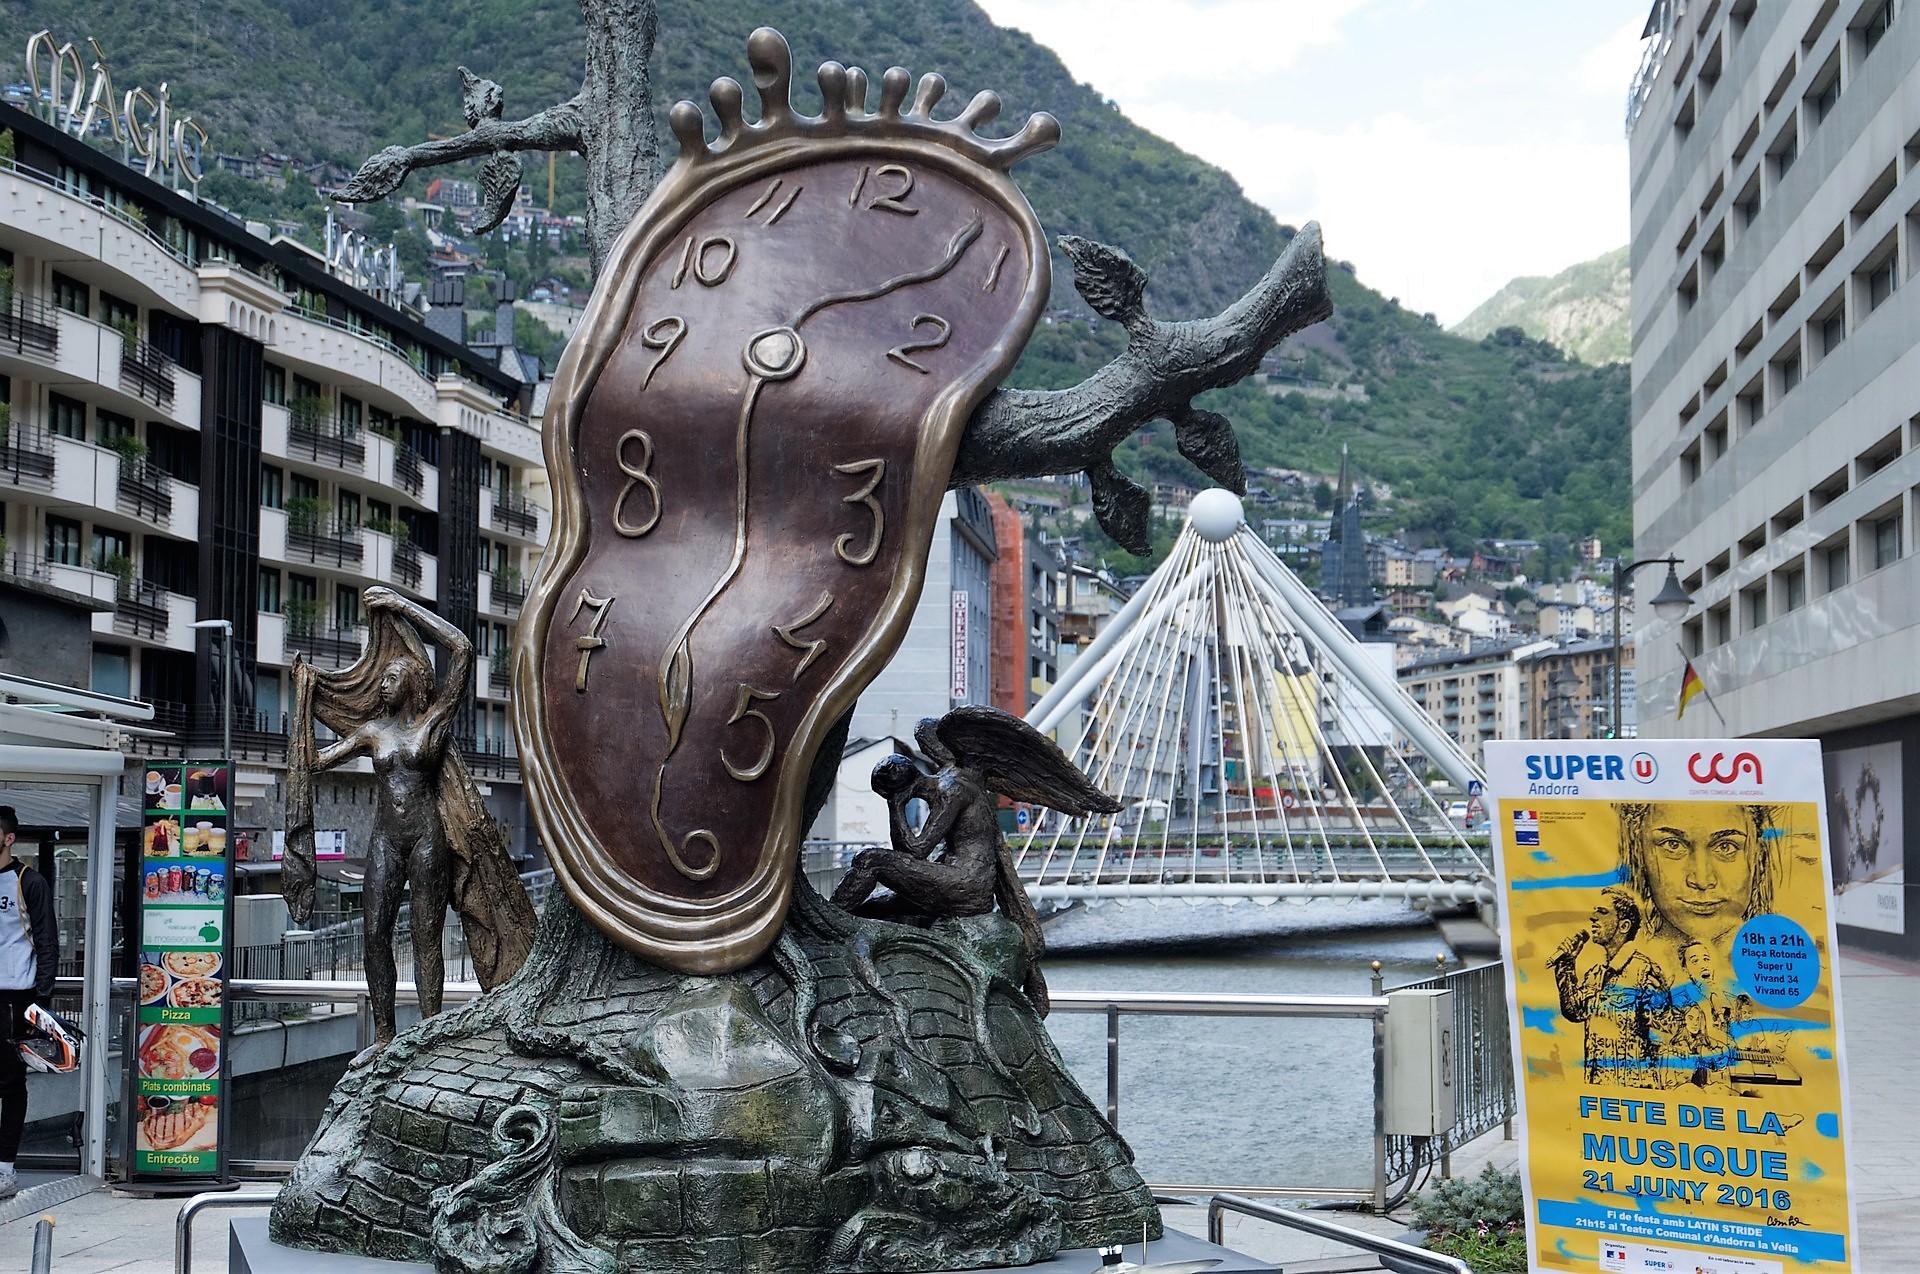 Búsqueda y selección de inmuebles en Andorra para comprar o arrendar Nuestro equipo de agentes inmobiliarios que colaboran conmigo cuenta con una dilatada experiencia en la gestión de arrendamientos y la administración de fincas